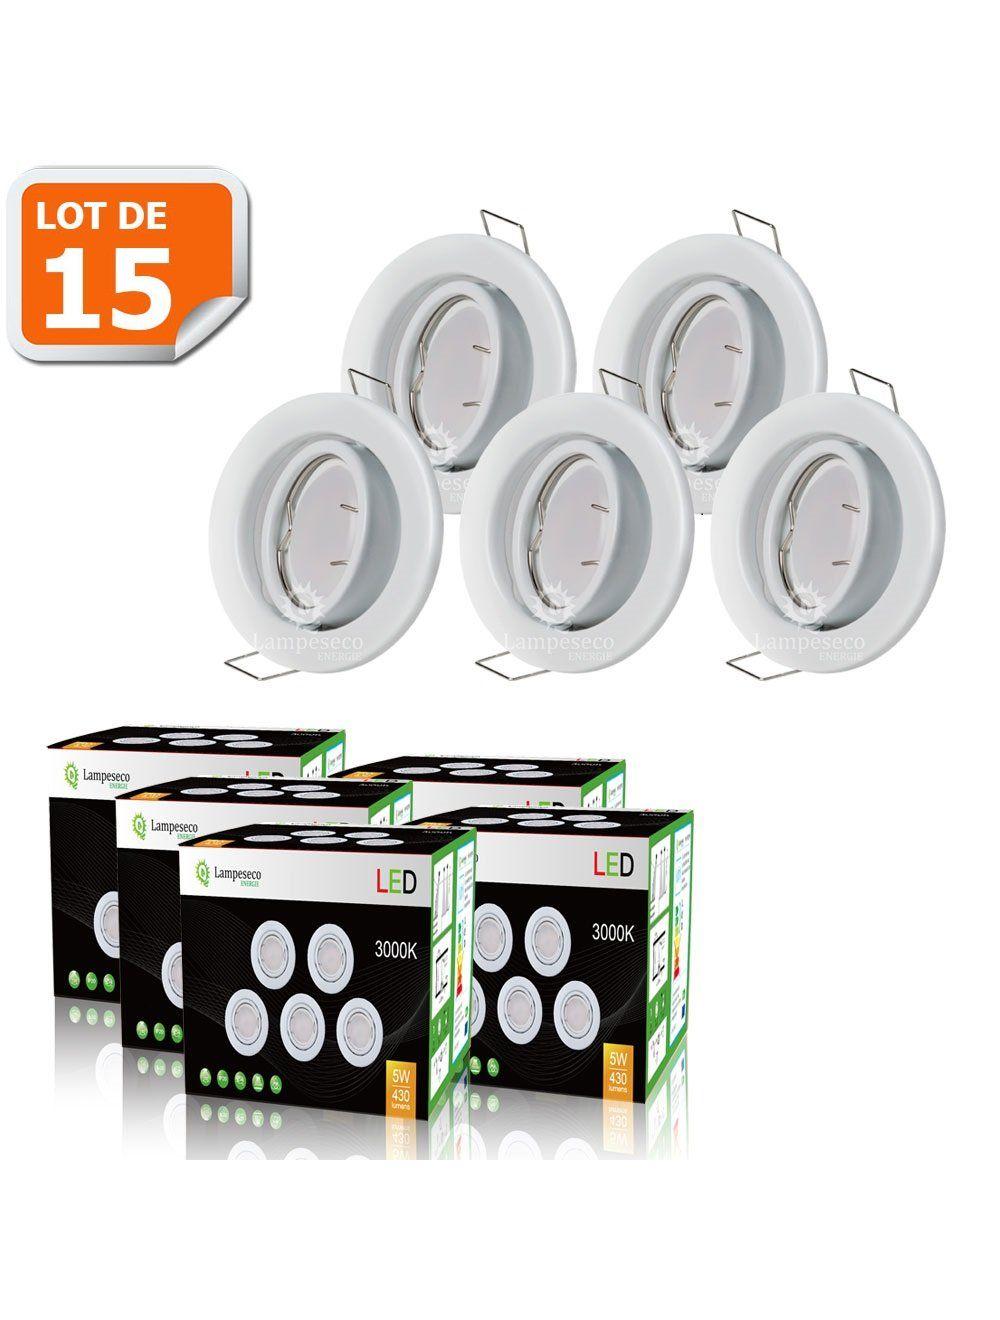 LOT DE 4 SPOT LED ORIENTABLE BLANC AVEC AMPOULE GU10 230V  eq 50W BLANC CHAUD